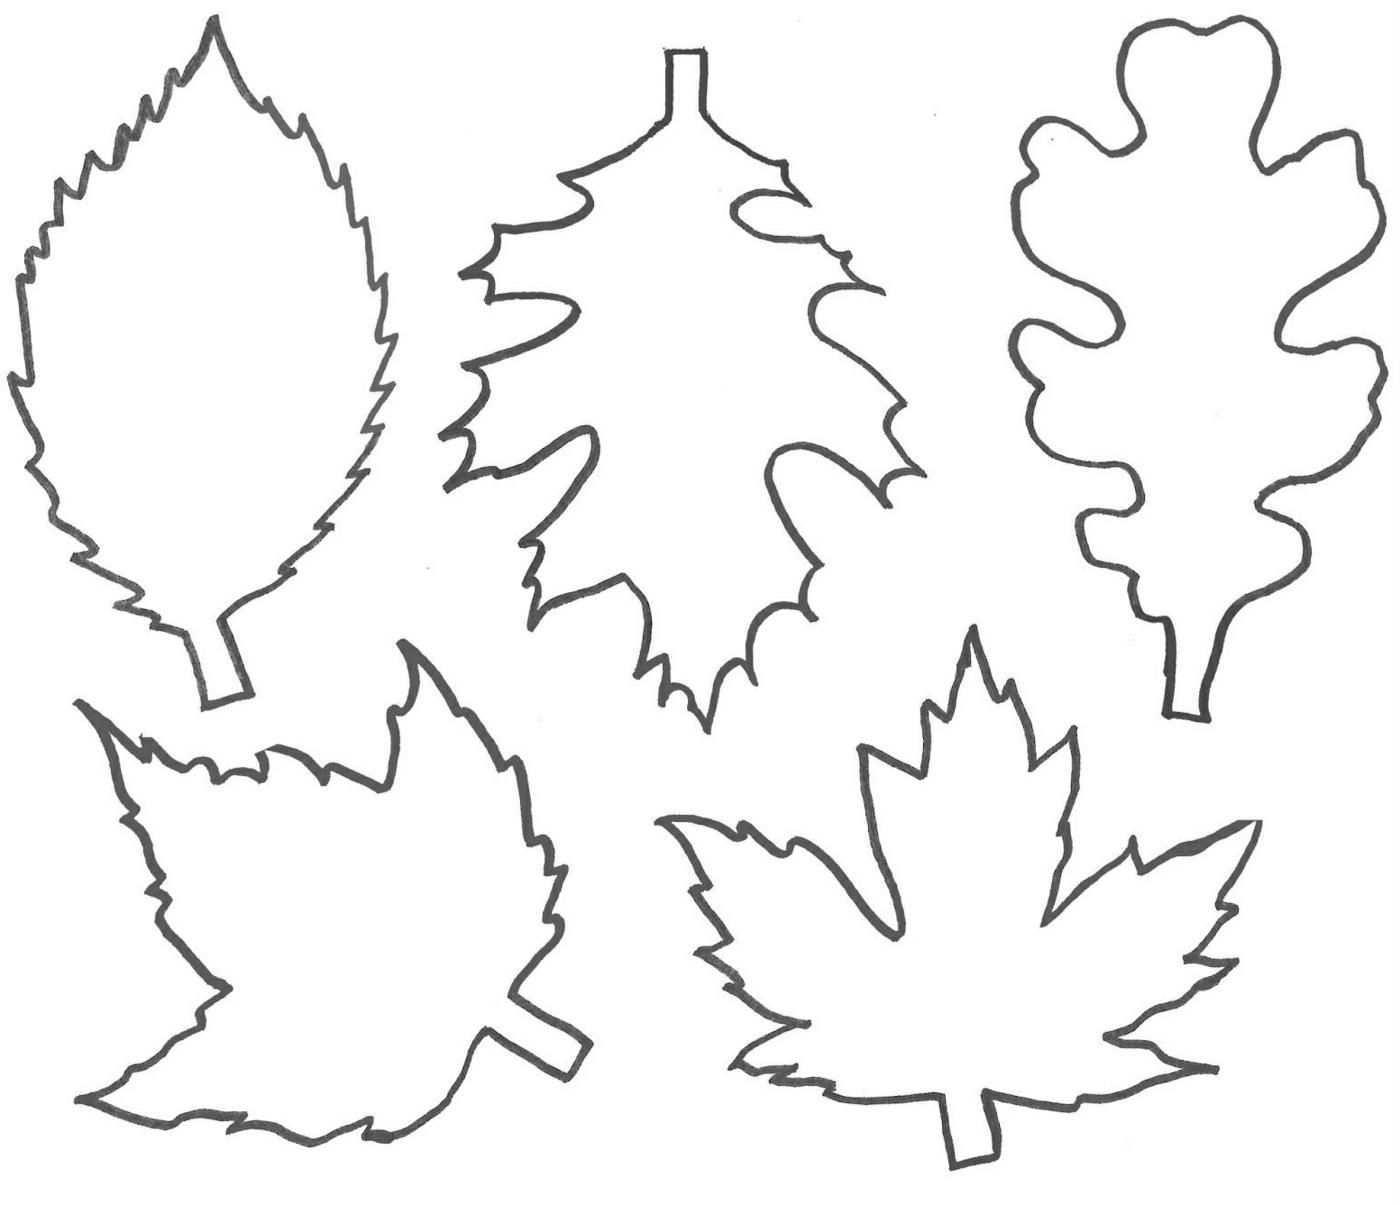 Bastelvorlagen Fur Herbst Kostenlos Ausdrucken Ideen Zur Verwendung Laternen Basteln Vorlagen Kostenlos Bastelvorlagen Kostenlose Schablonen